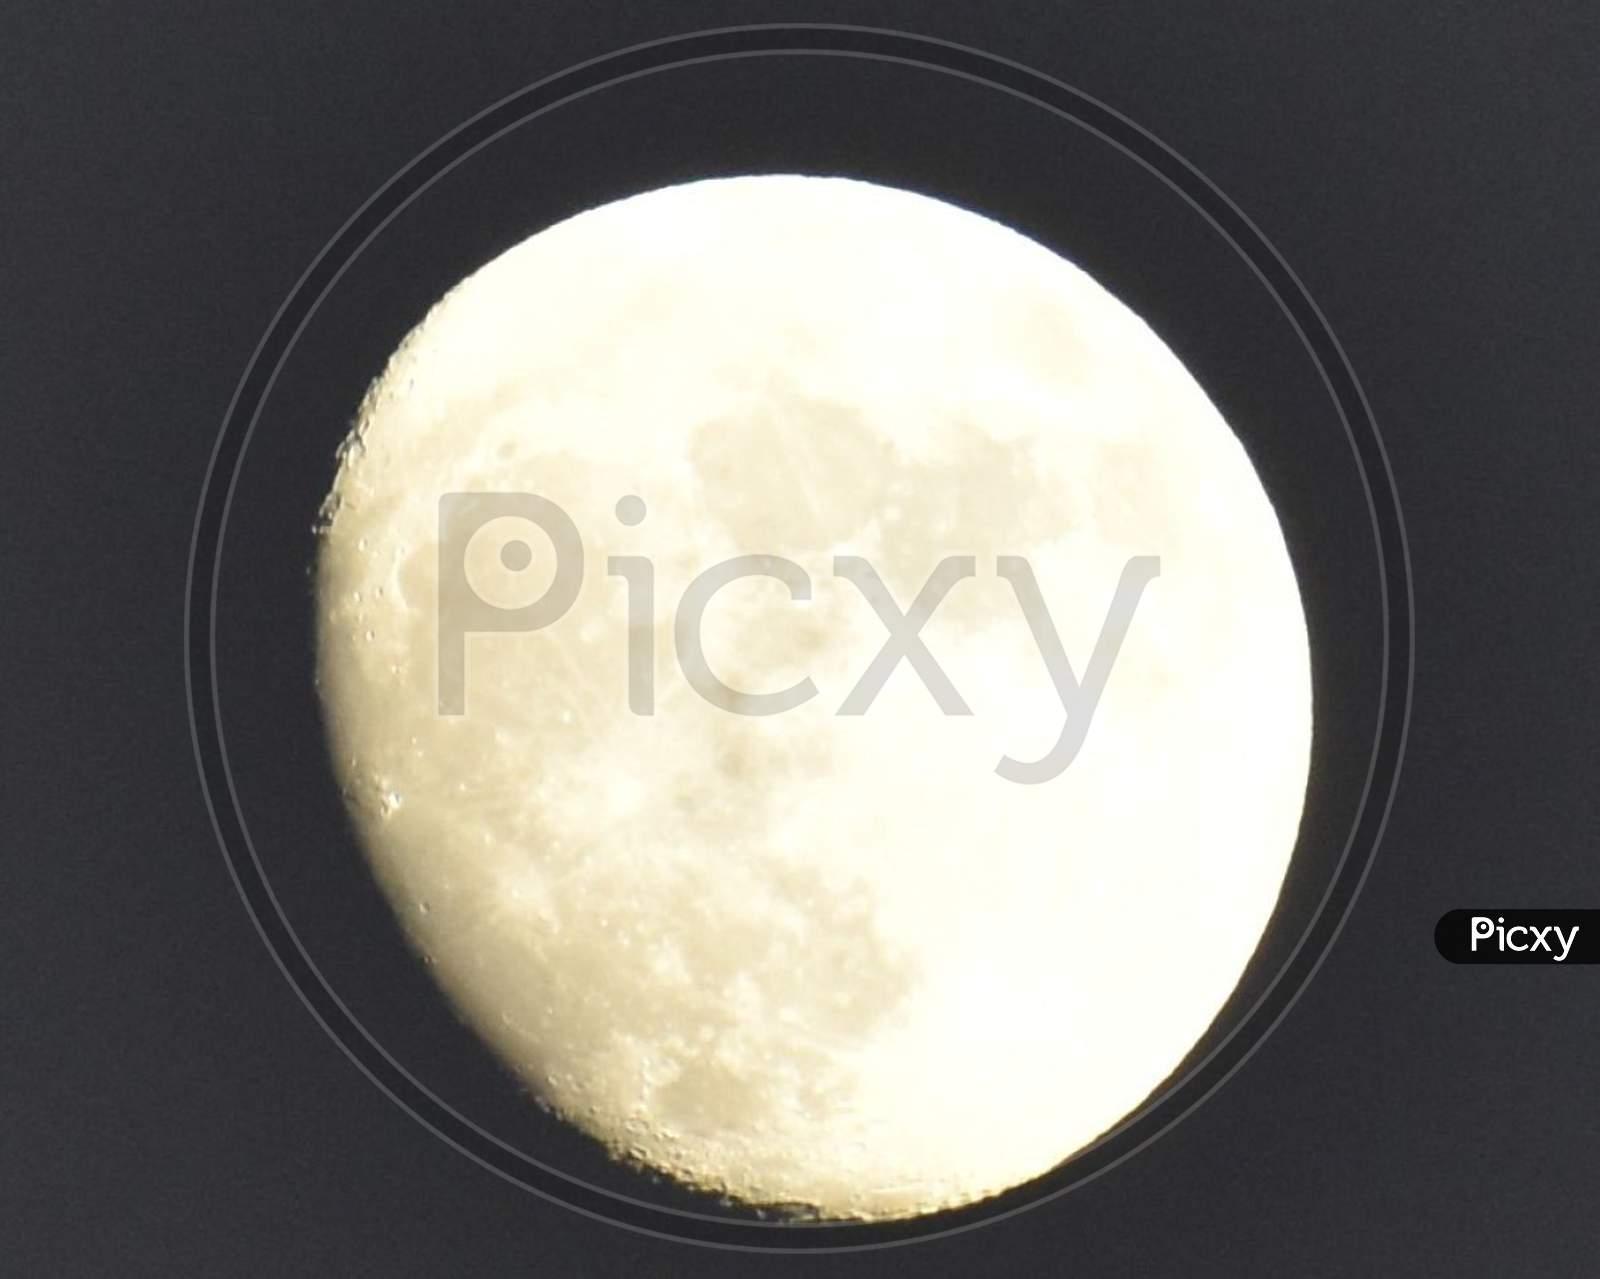 A beautiful full moon